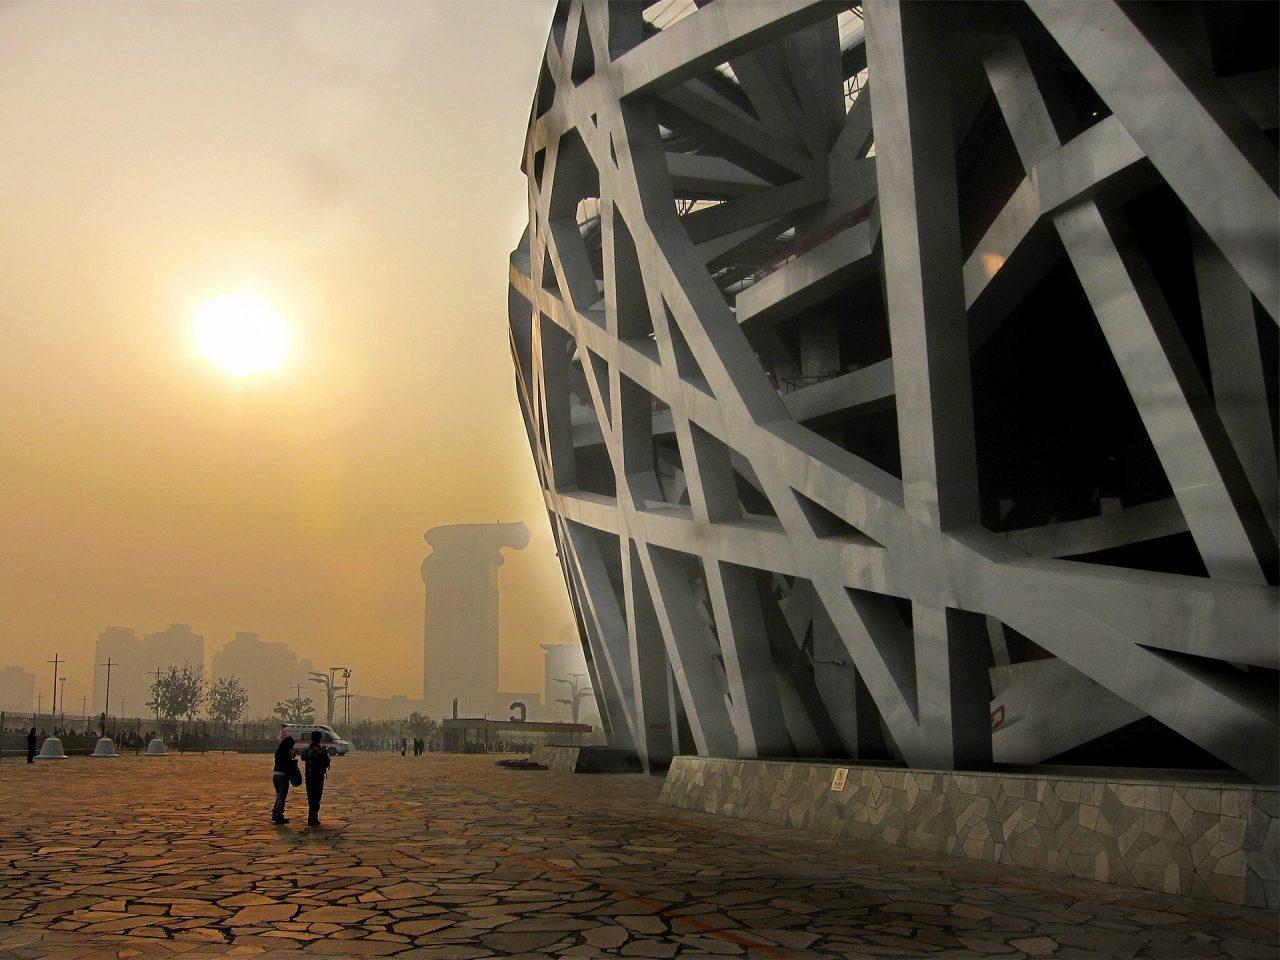 Photographie libre de droit montrant un bâtiment architectural de style moderne en Chine.